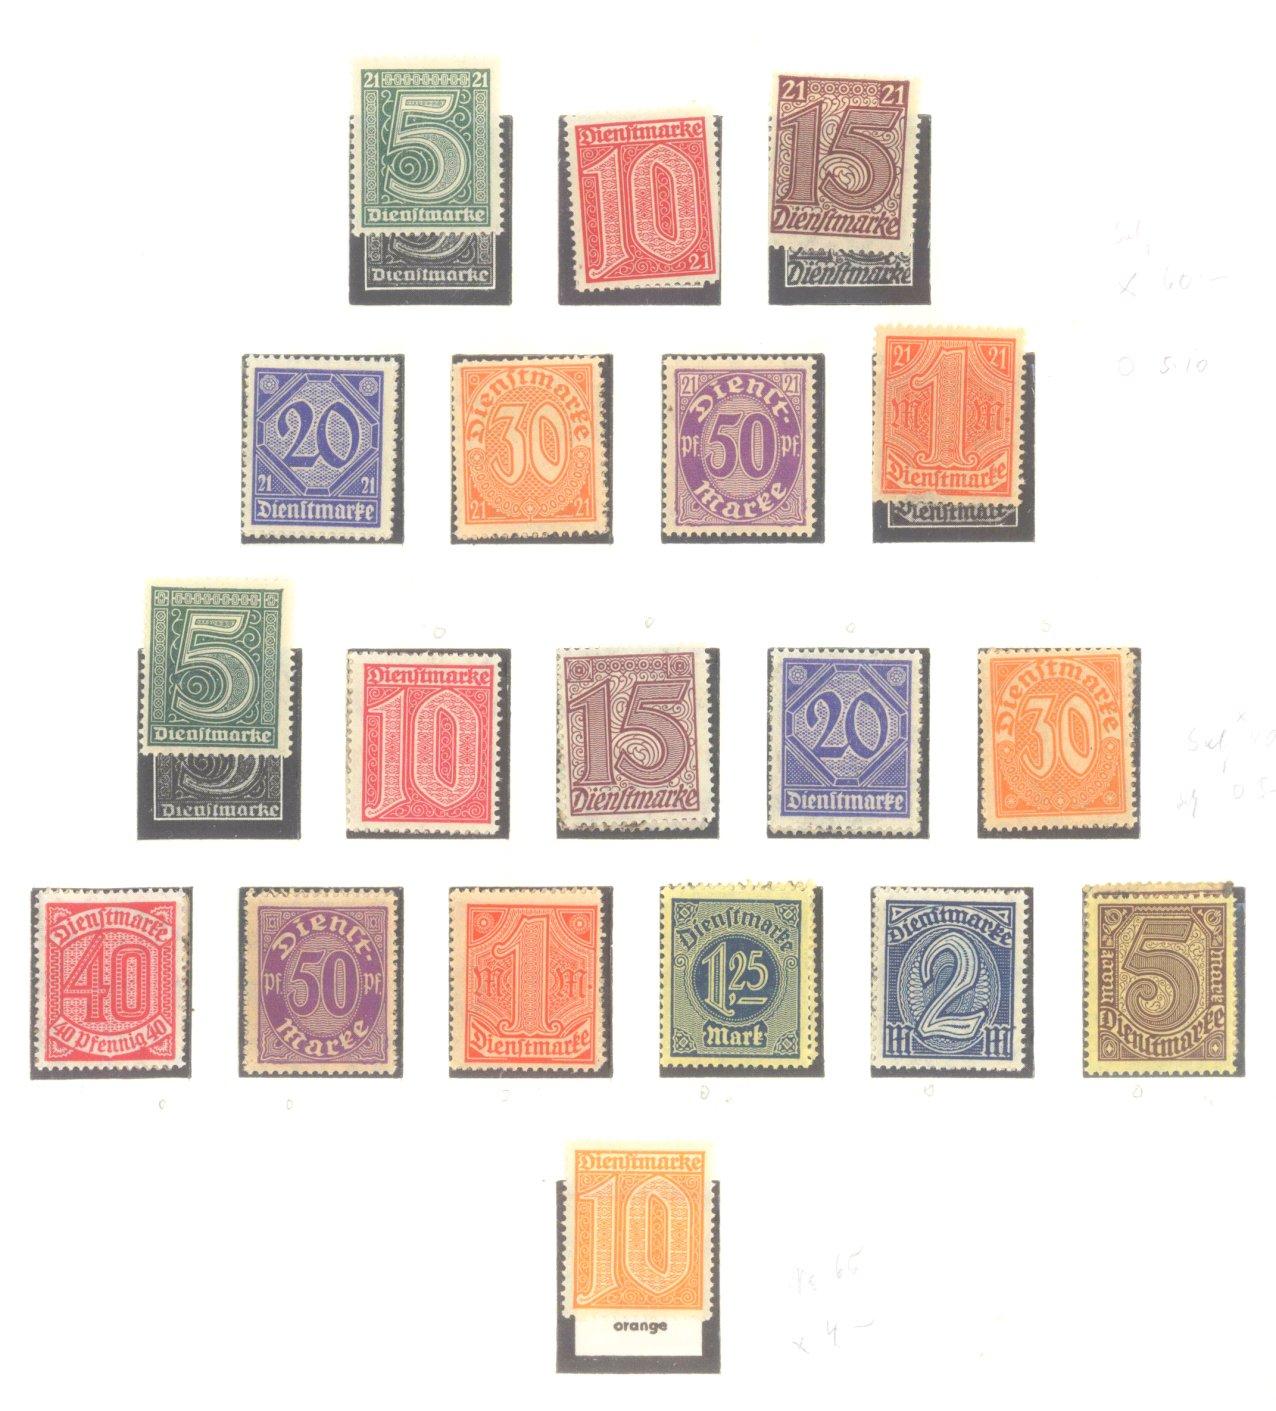 DEUTSCHES REICH – INFLATIONSZEIT 1916-1923-14